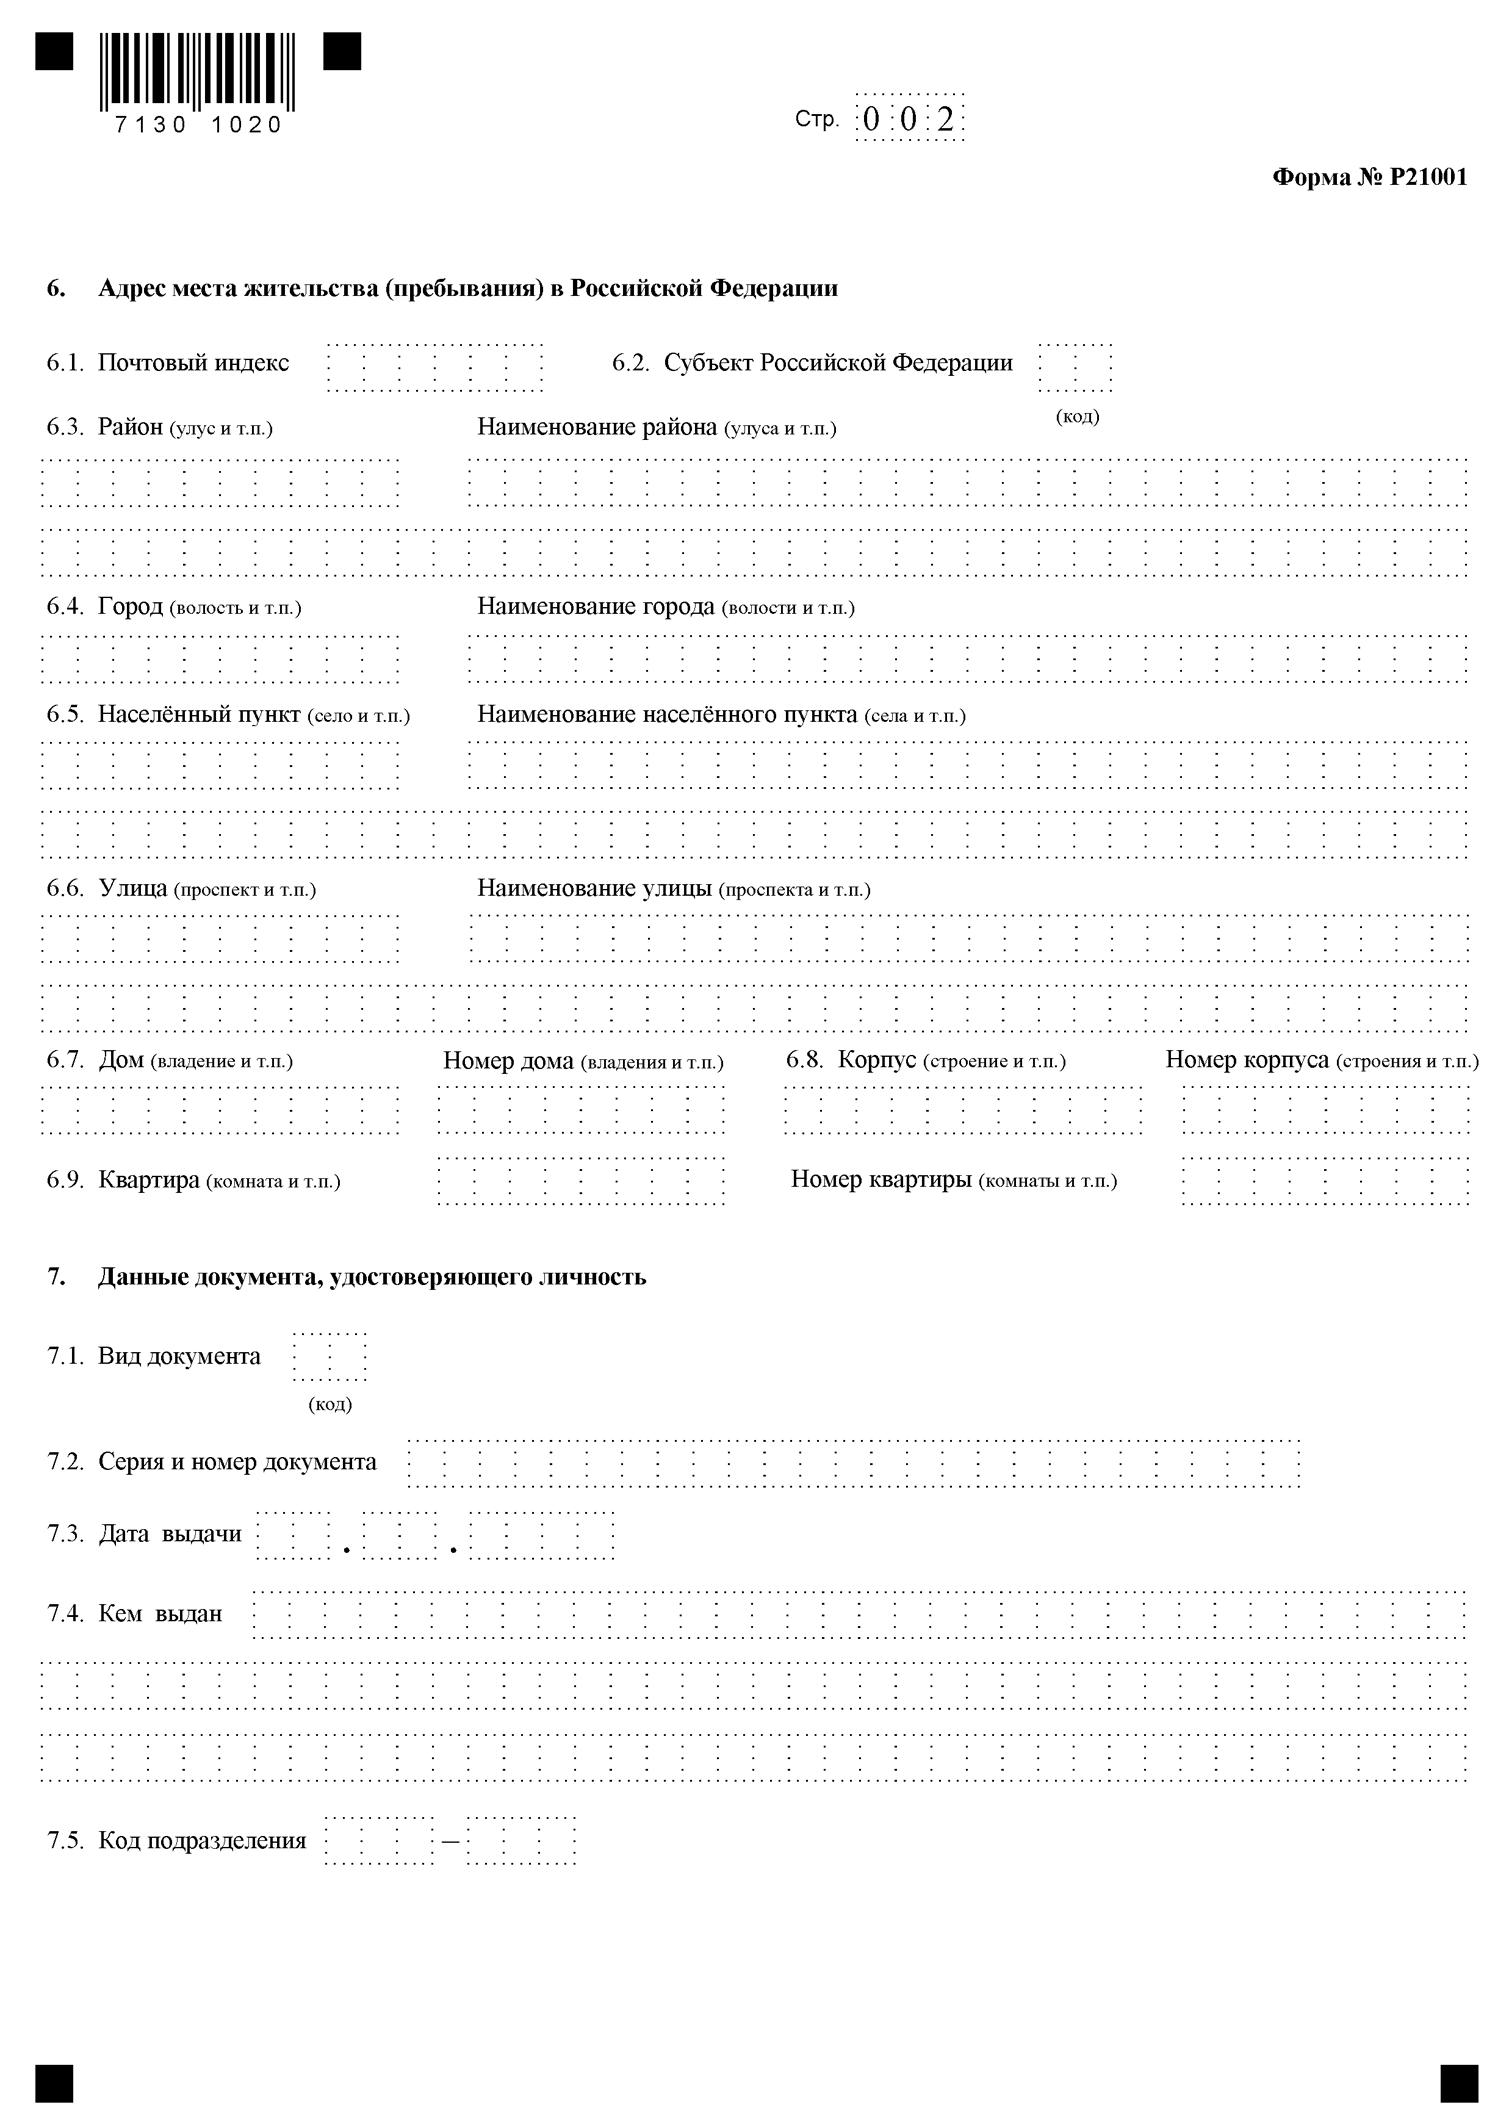 Форма р21001 скачать бесплатно 2017 образец заполнения